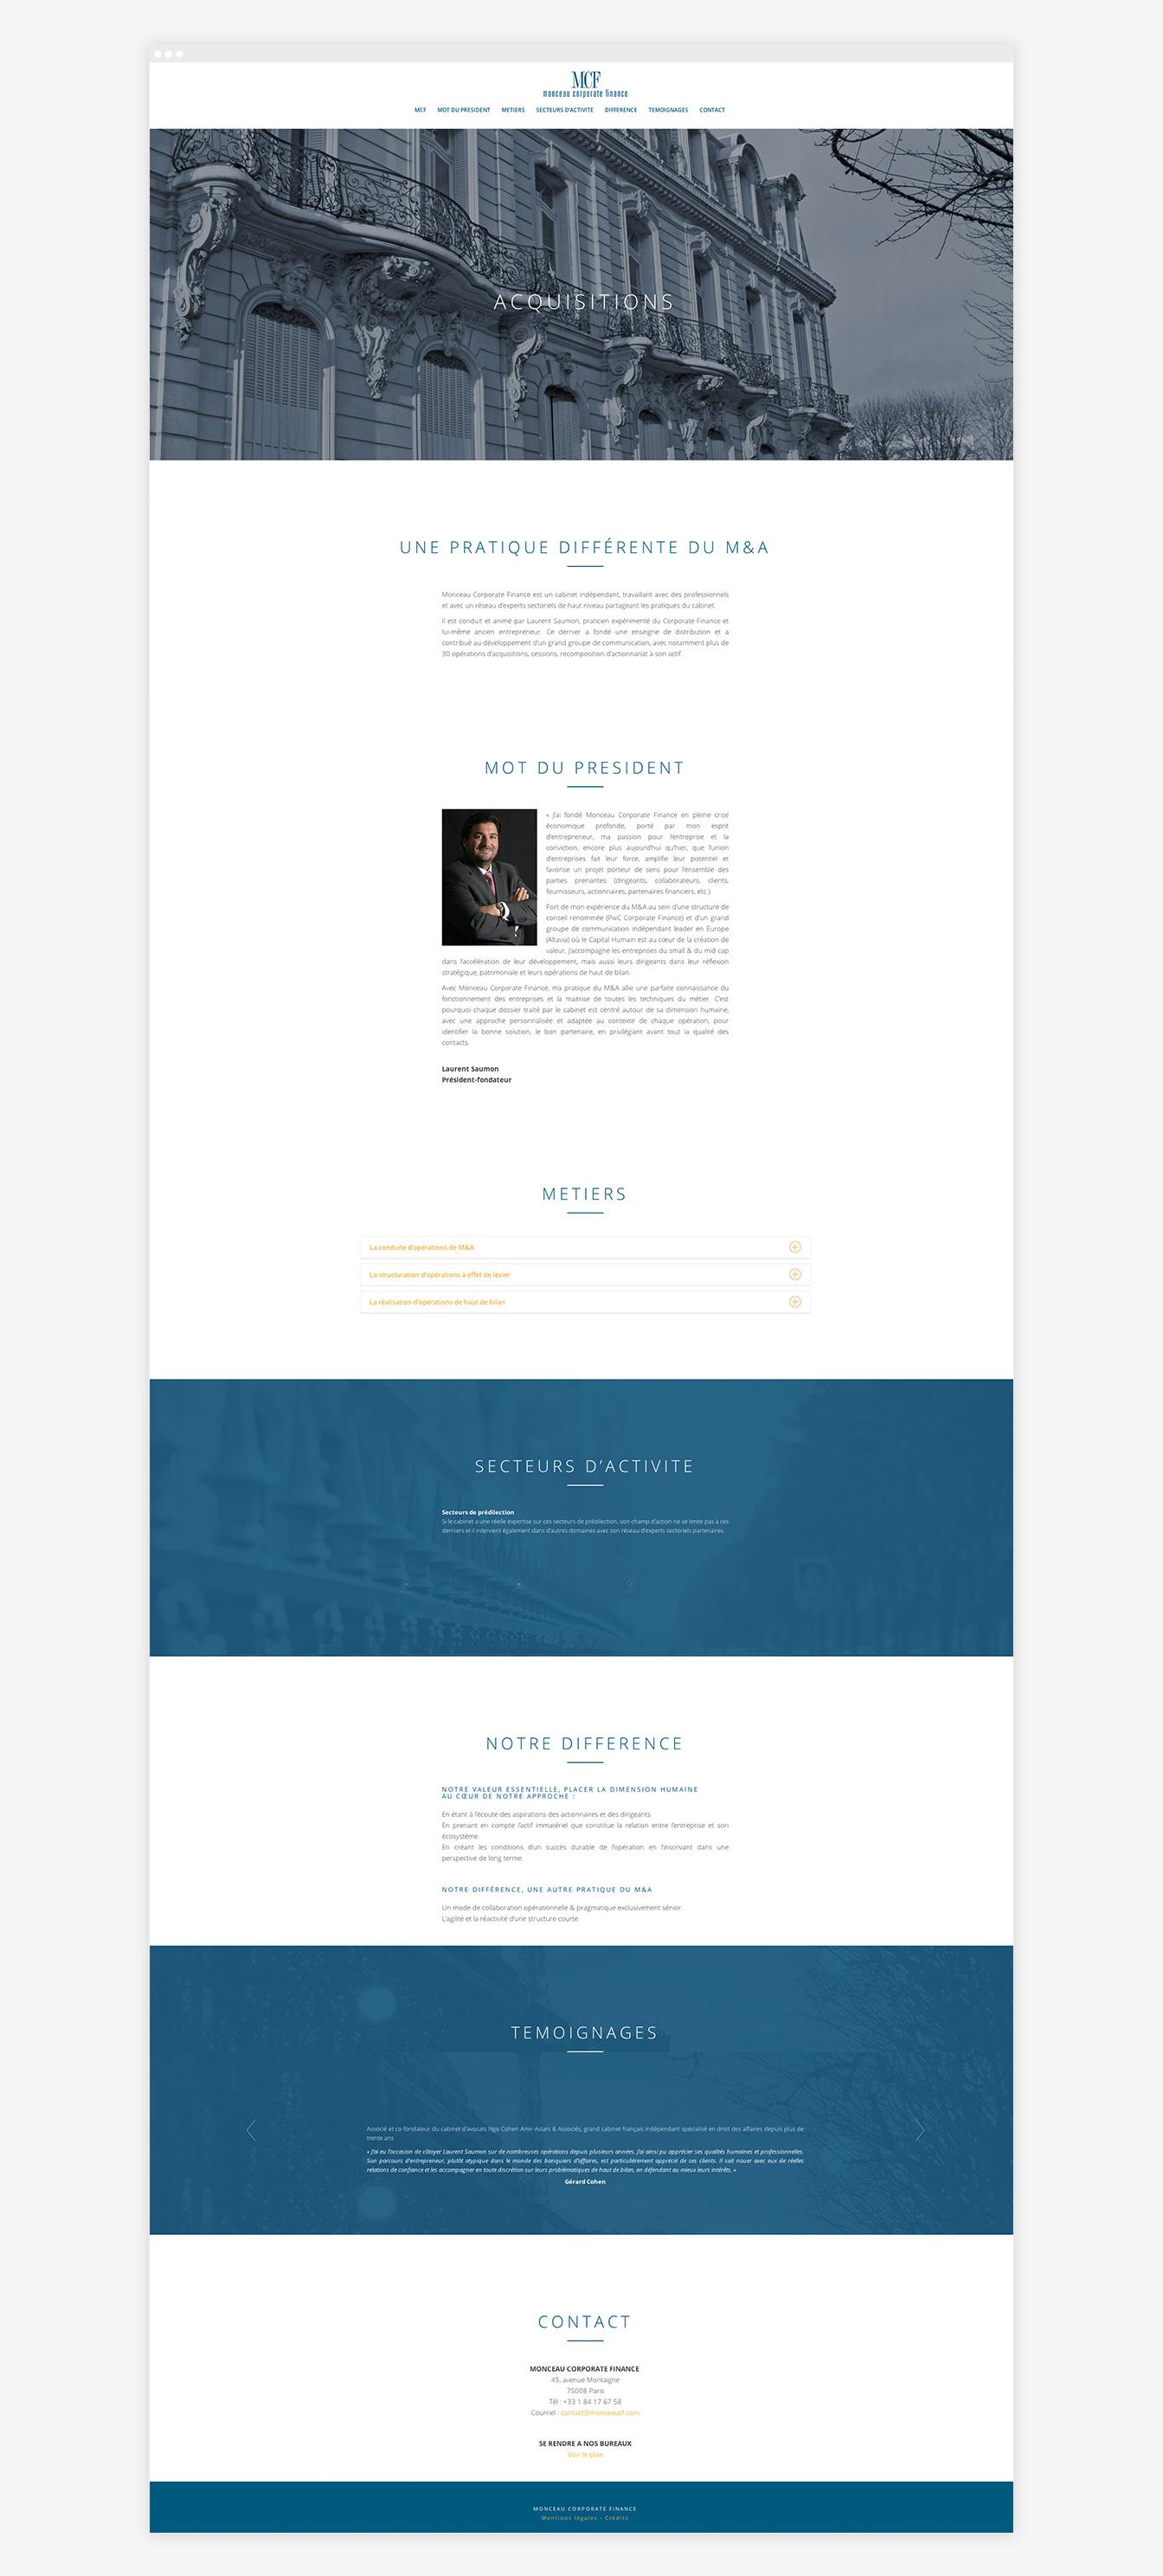 monceaucorporatefinance-web-details-pikteo-webdesign-graphic-design-freelance-paris-bruxelles-lyon